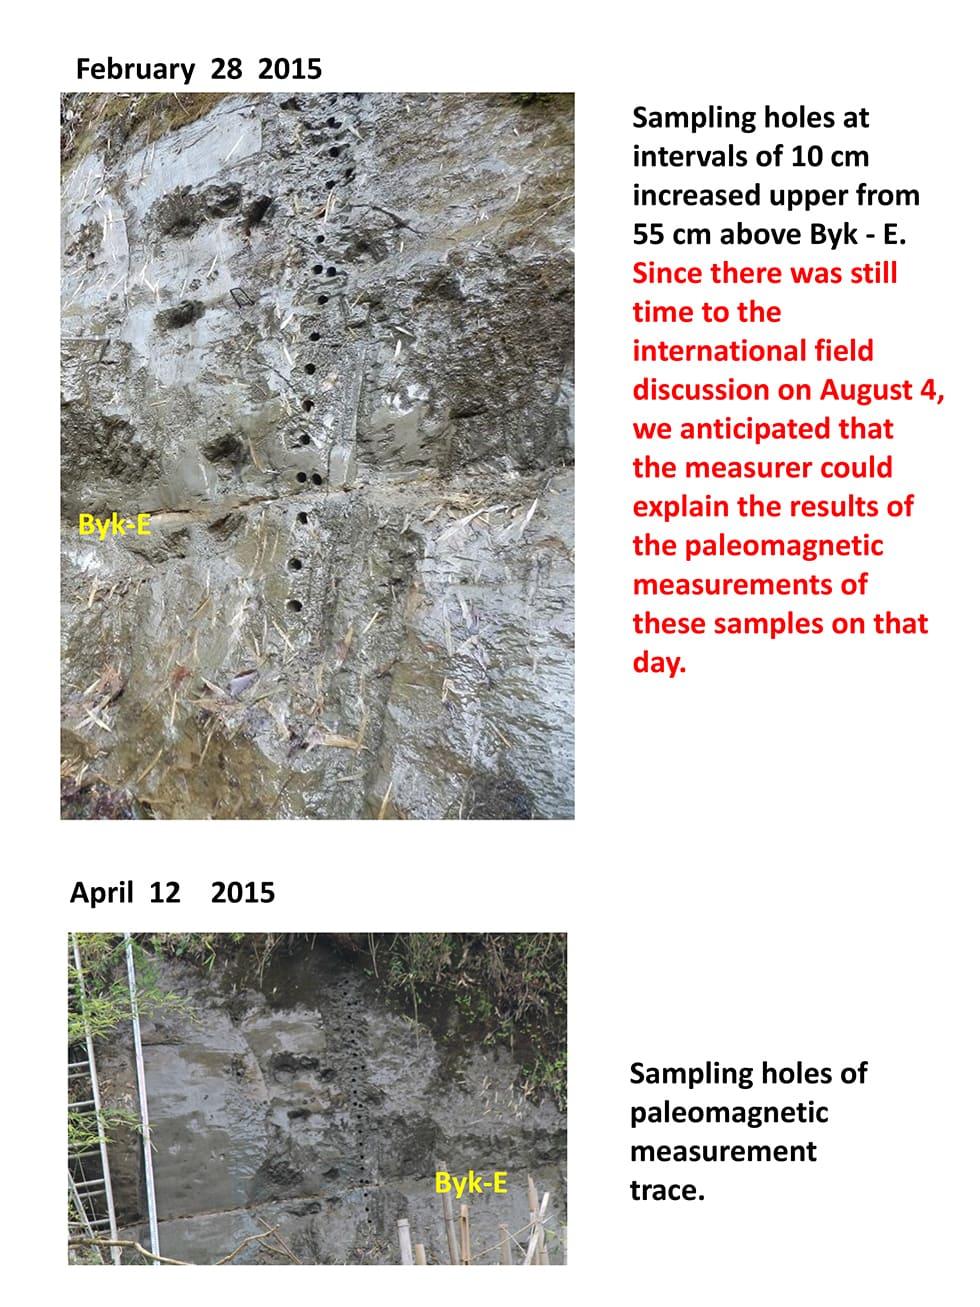 2015年2月28日には、Byk-Eの上55cmから上方に10cm間隔の試料採取孔が増えていた。8月4日の国際現地討論会まではまだ時間があるので、この試料の古地磁気測定結果を、古地磁気担当者は当日説明するものと推測した。 2015年4月12日の古地磁気測定試料採取孔の跡。